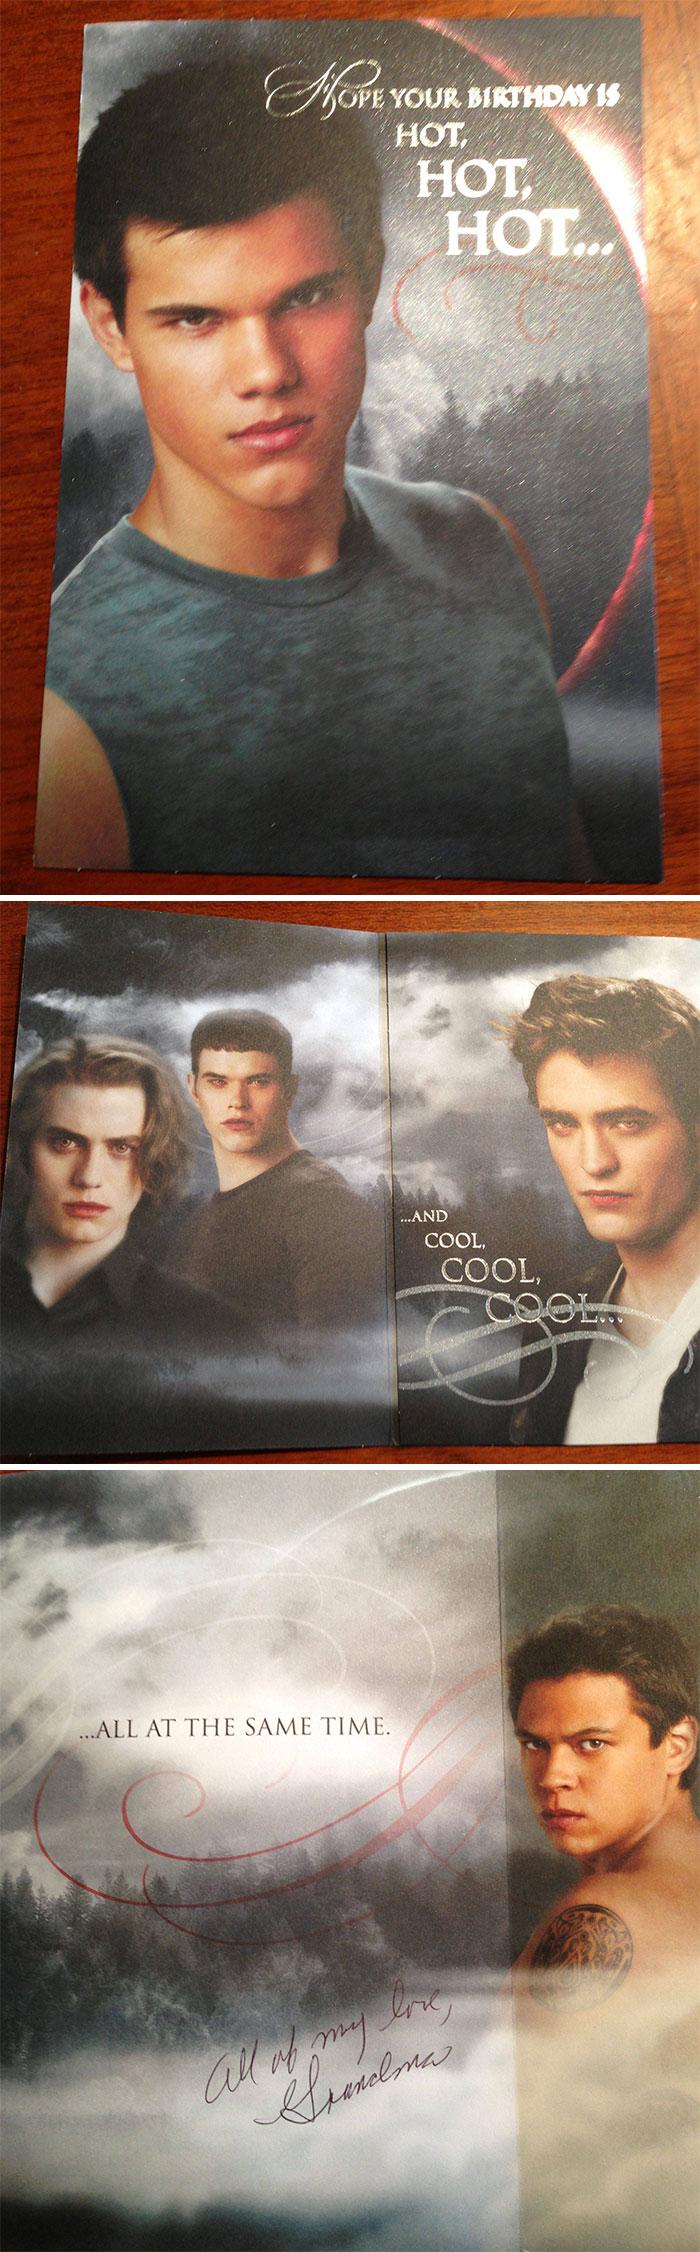 «Бабушка подарила моему брату открытку с актерами фильма